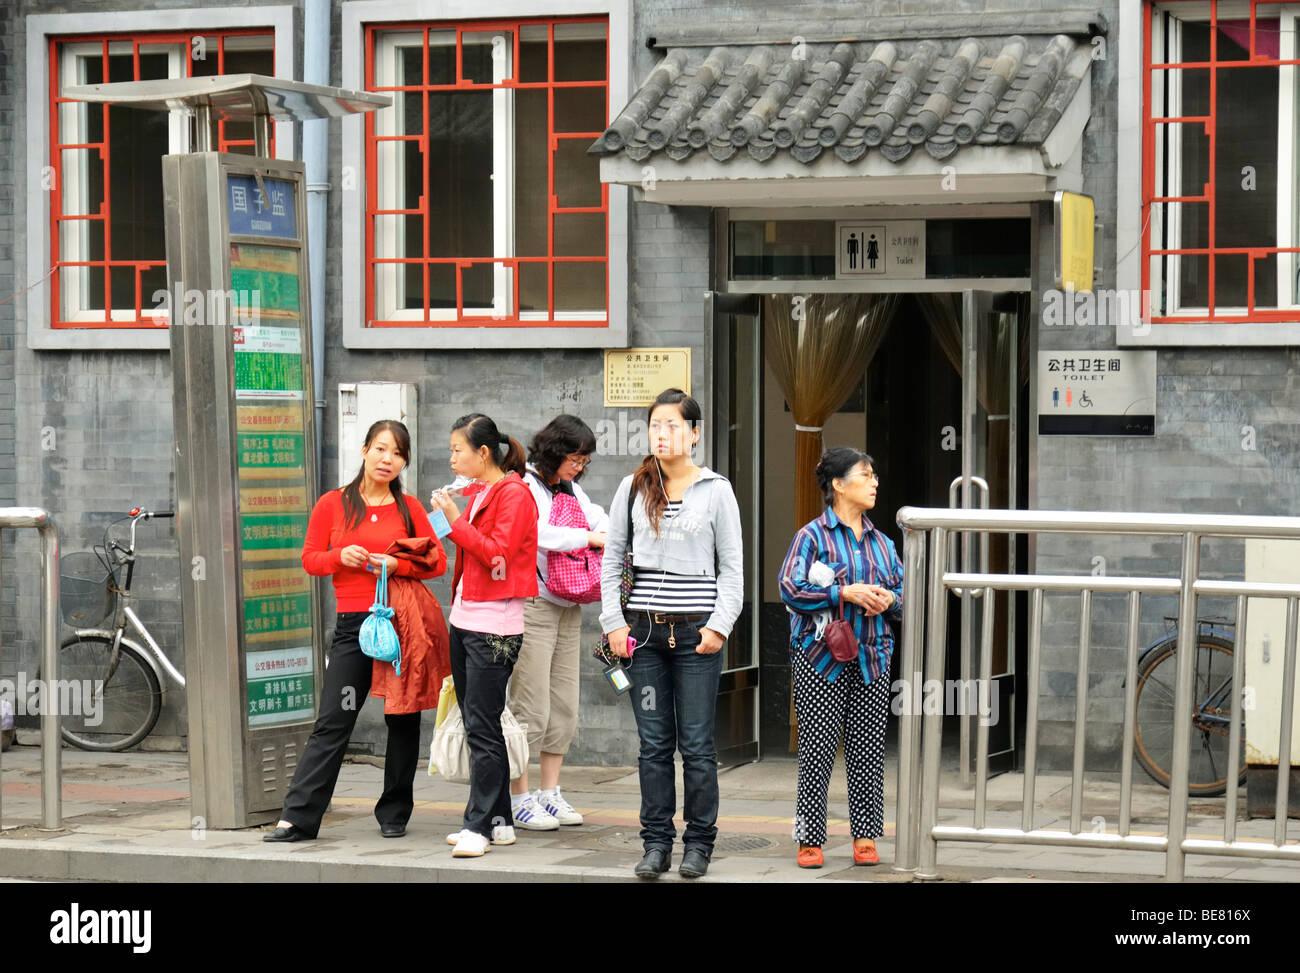 0881adb121 Chinese women waiting at the bus stop Guozijian near the Lama temple Yong  He Gong